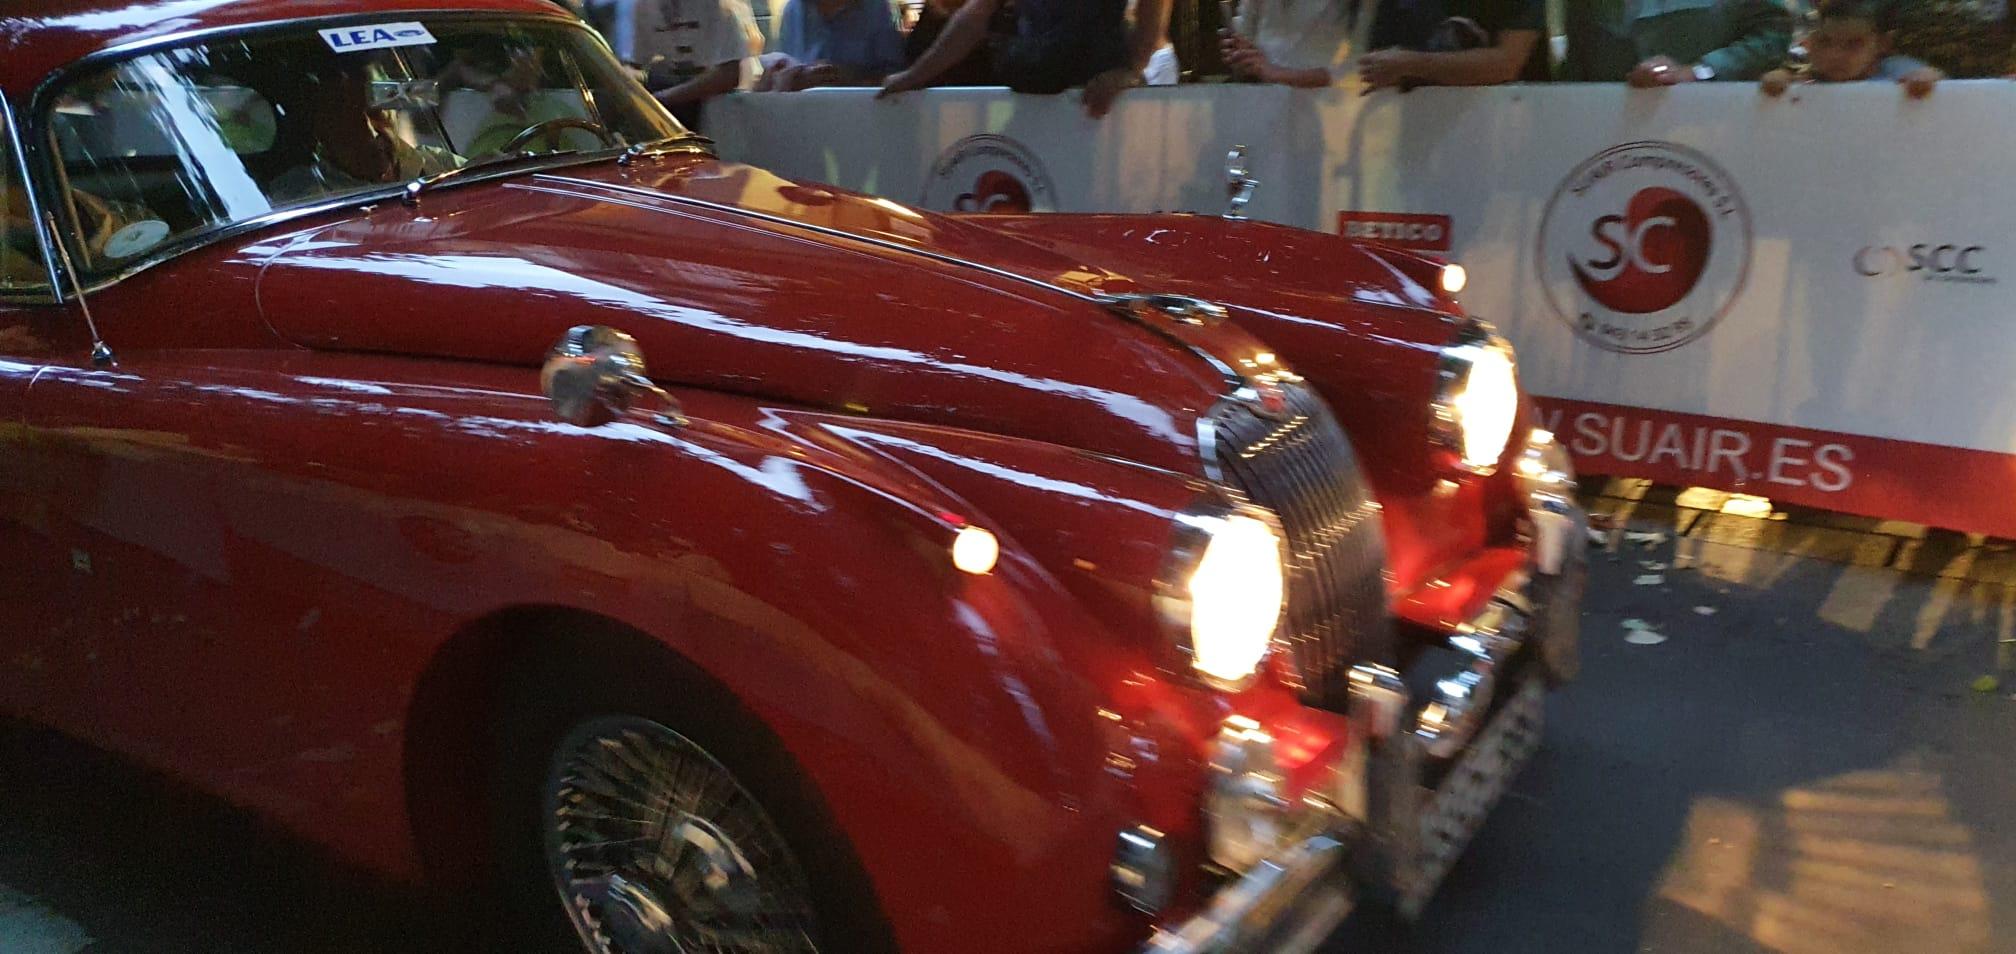 Alonso5 - Los coches con más glamour se han visto en Gipuzkoa